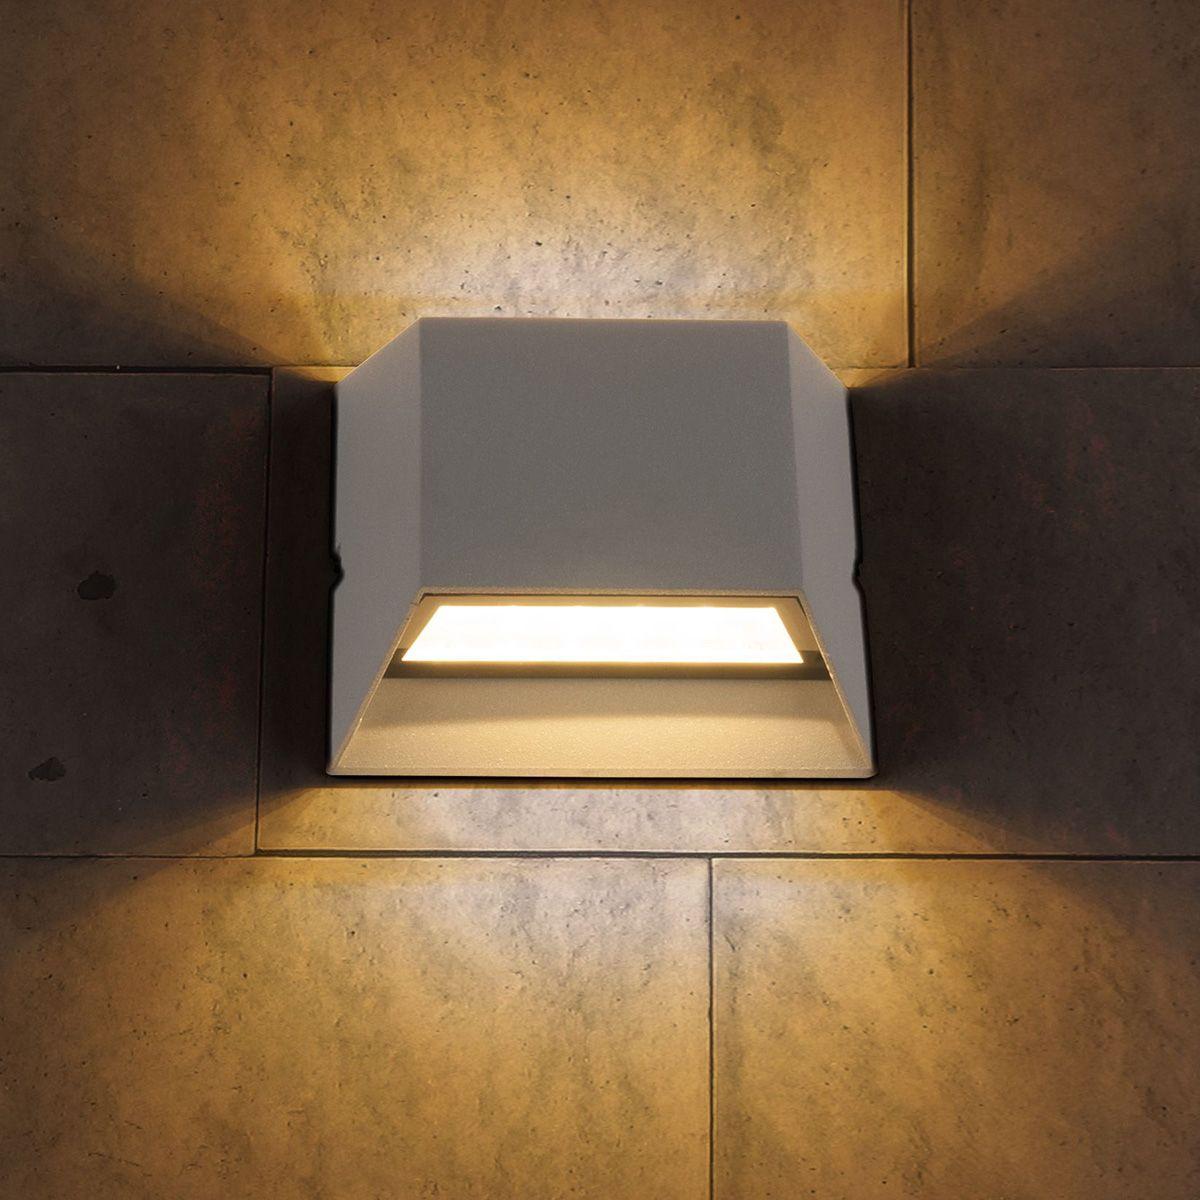 Уличные фонари светодиодные - Интернет магазин Lampa